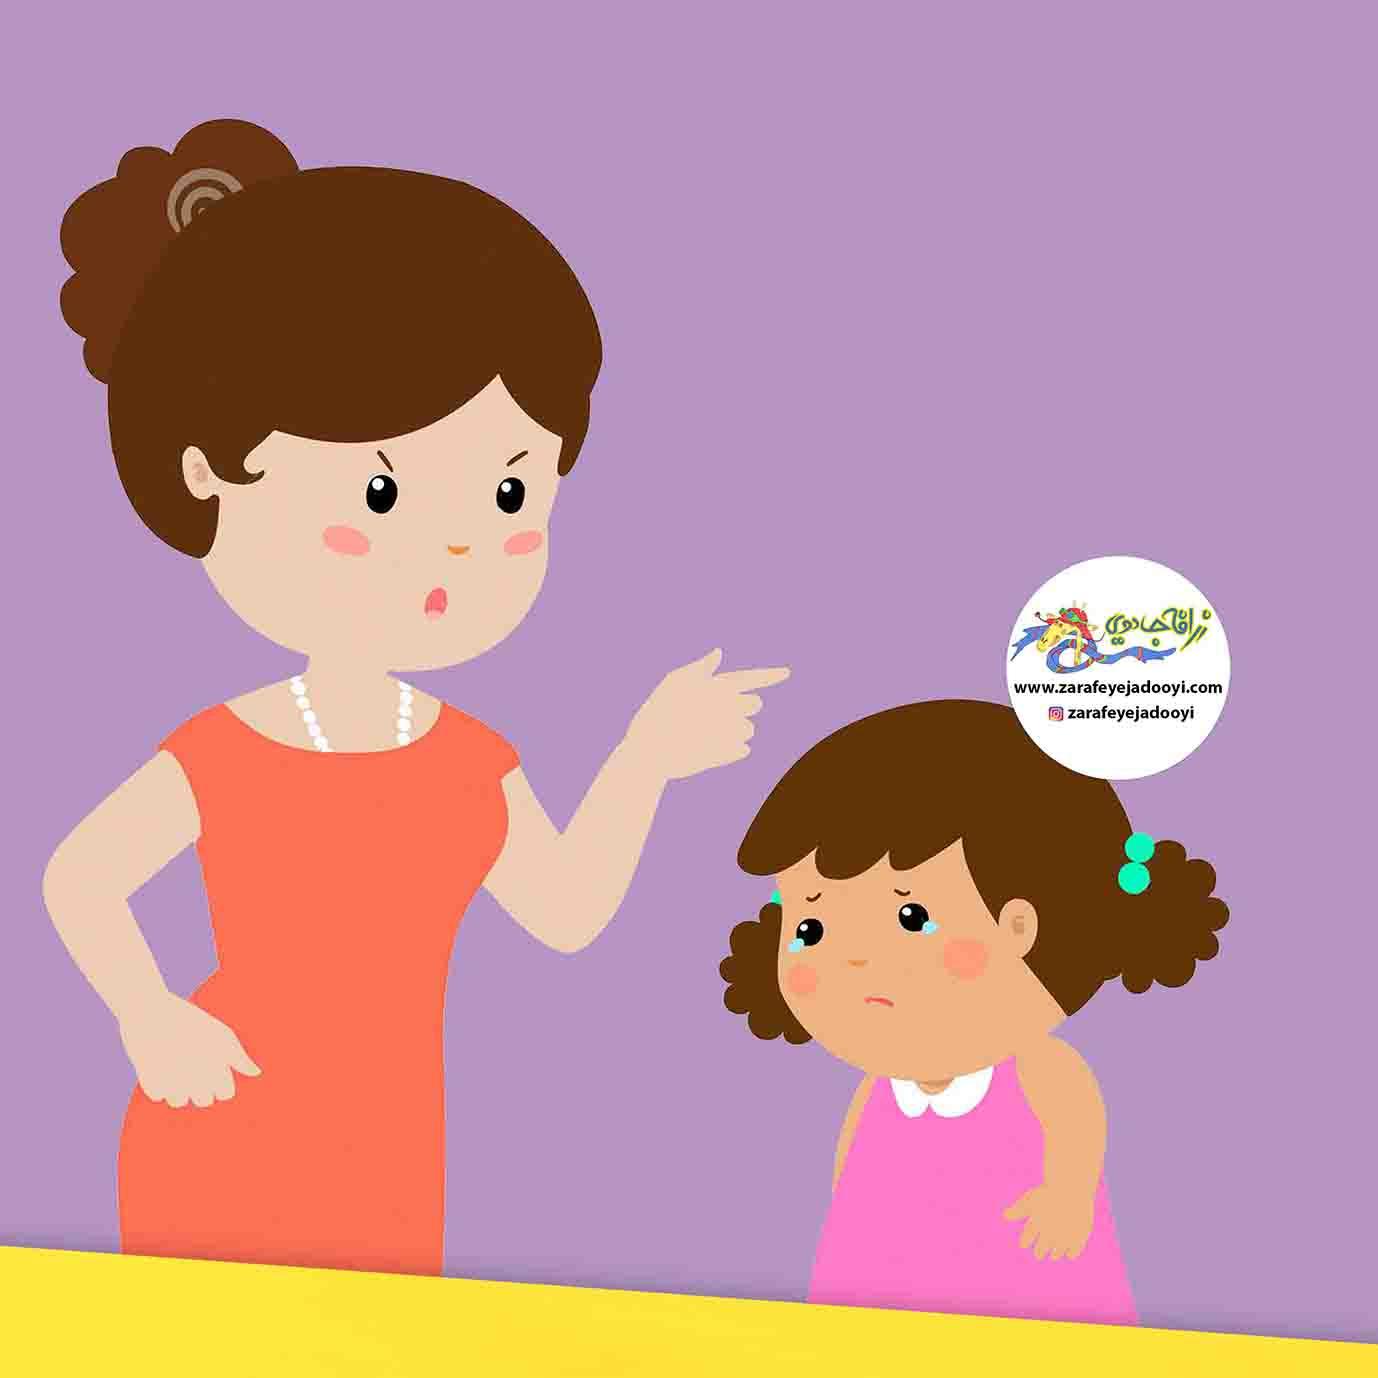 زرافه جادویی - چه زماني به کودک دستور می دهیم ؟